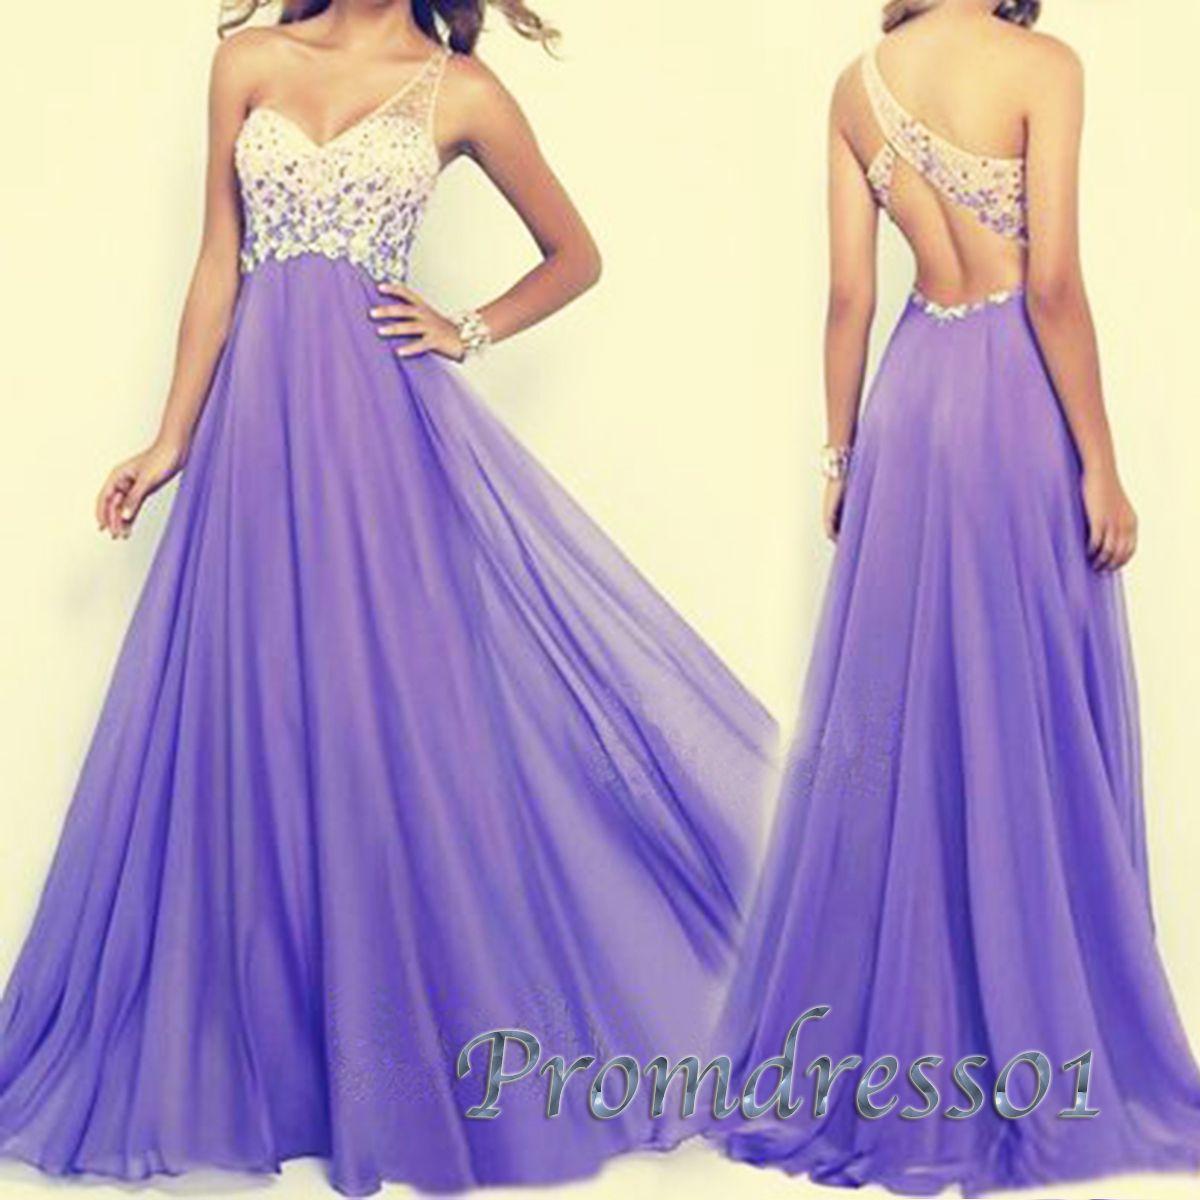 Unique purple one shoulder long prom dresses prom pinterest